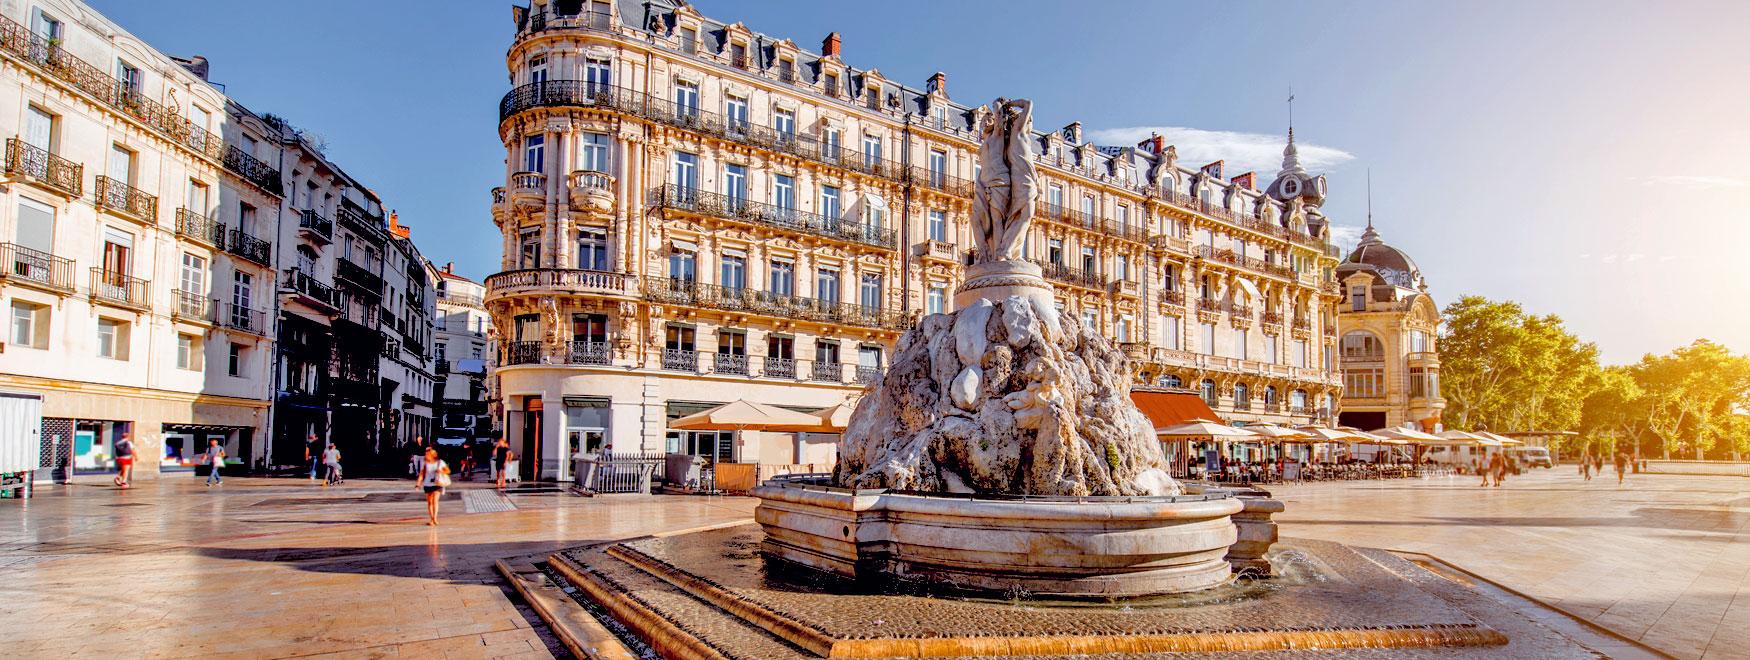 Photo Montpellier